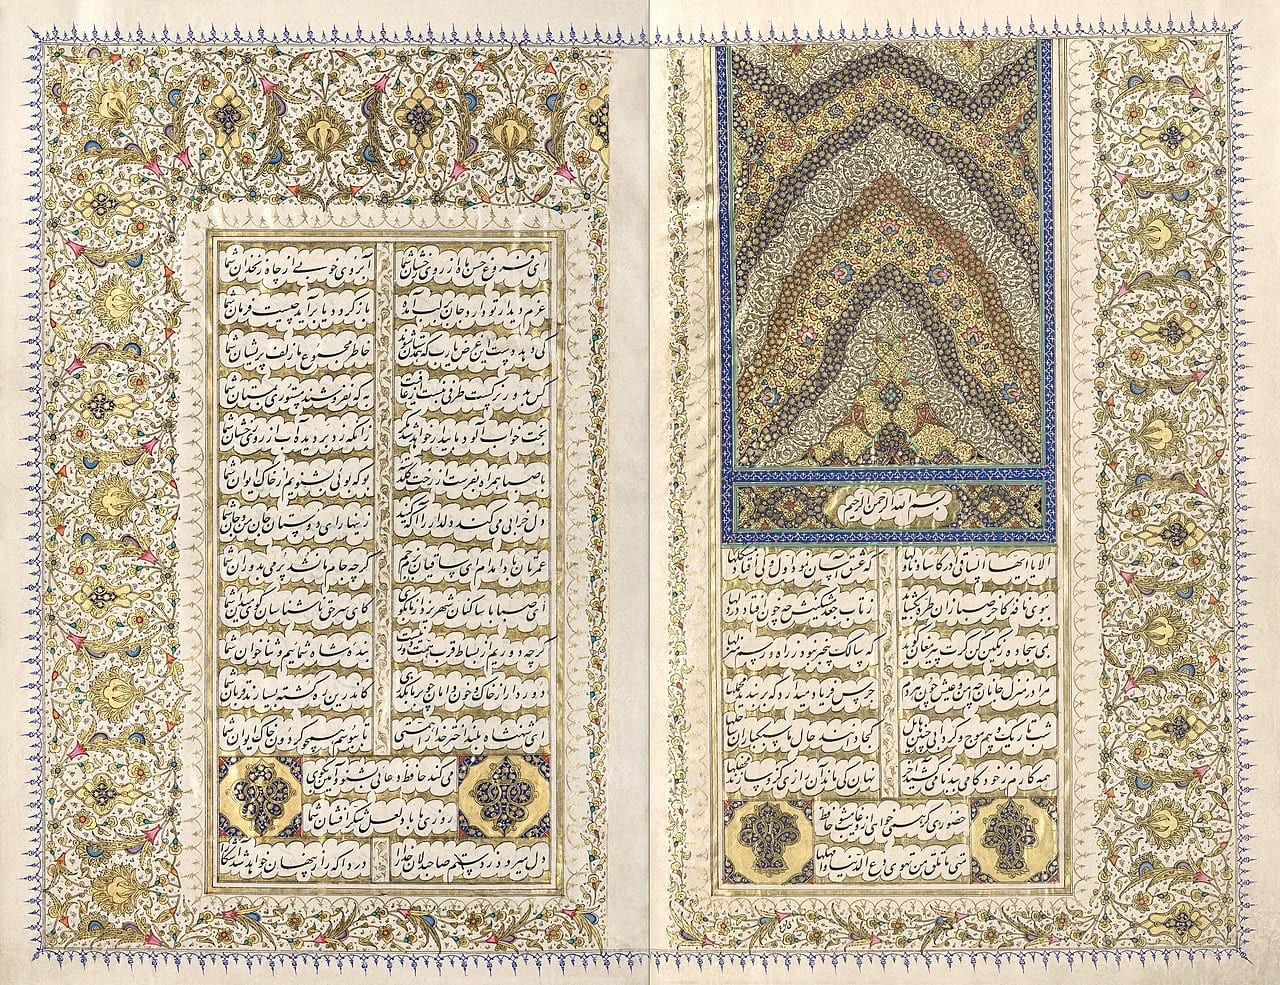 Ранее украденный манускрипт средневекового персидского поэта Хафиза Ширази продадут на аукционе